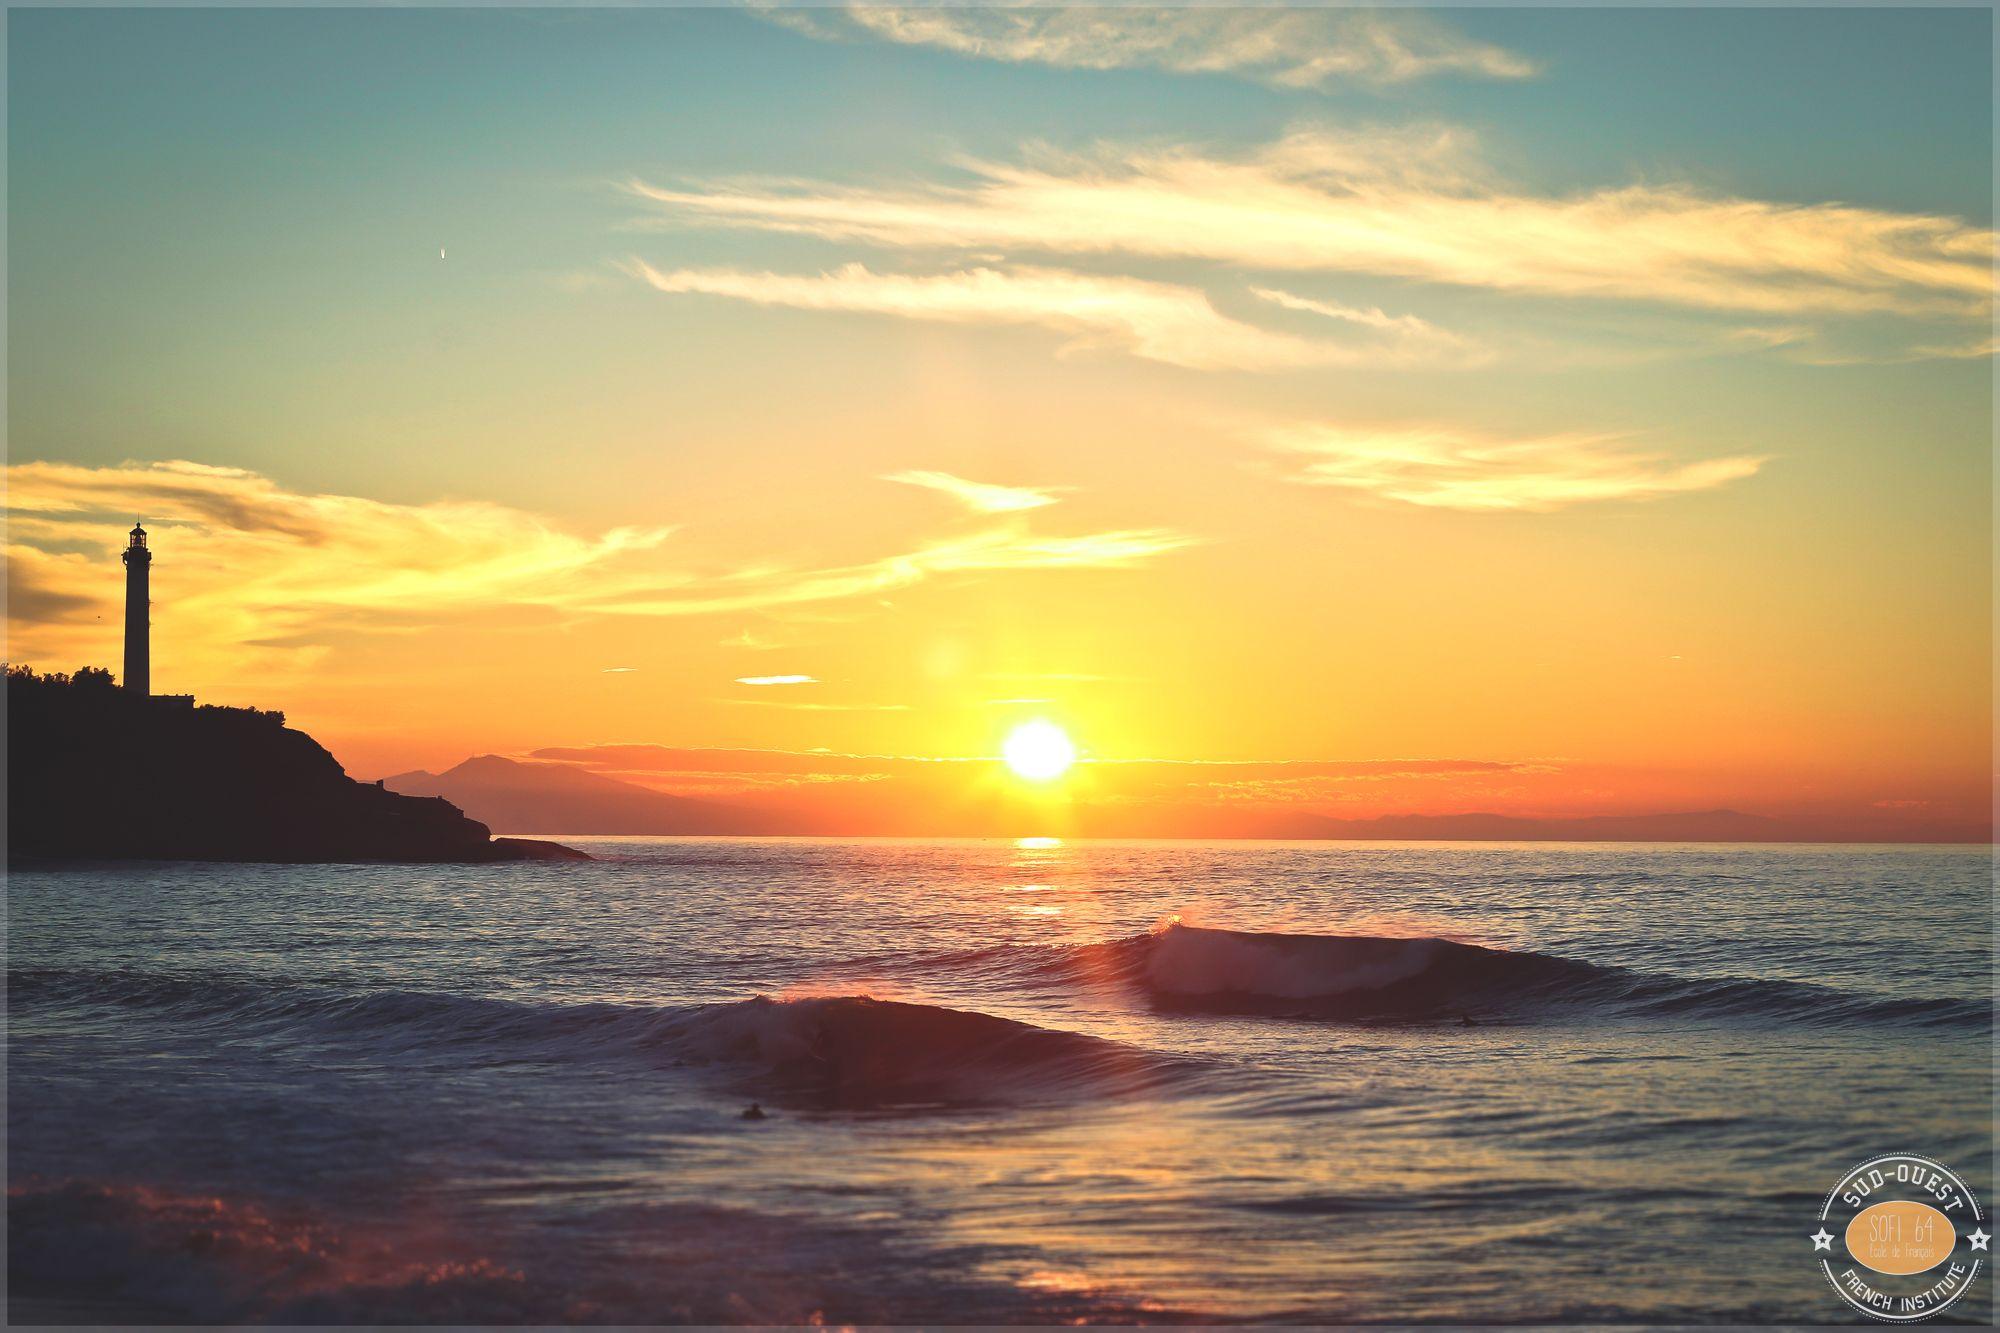 Coucher De Soleil Sur L Ocean Depuis La Plage De La Petite Chambre D Amour Coucher De Soleil Chambre D Amour Plage